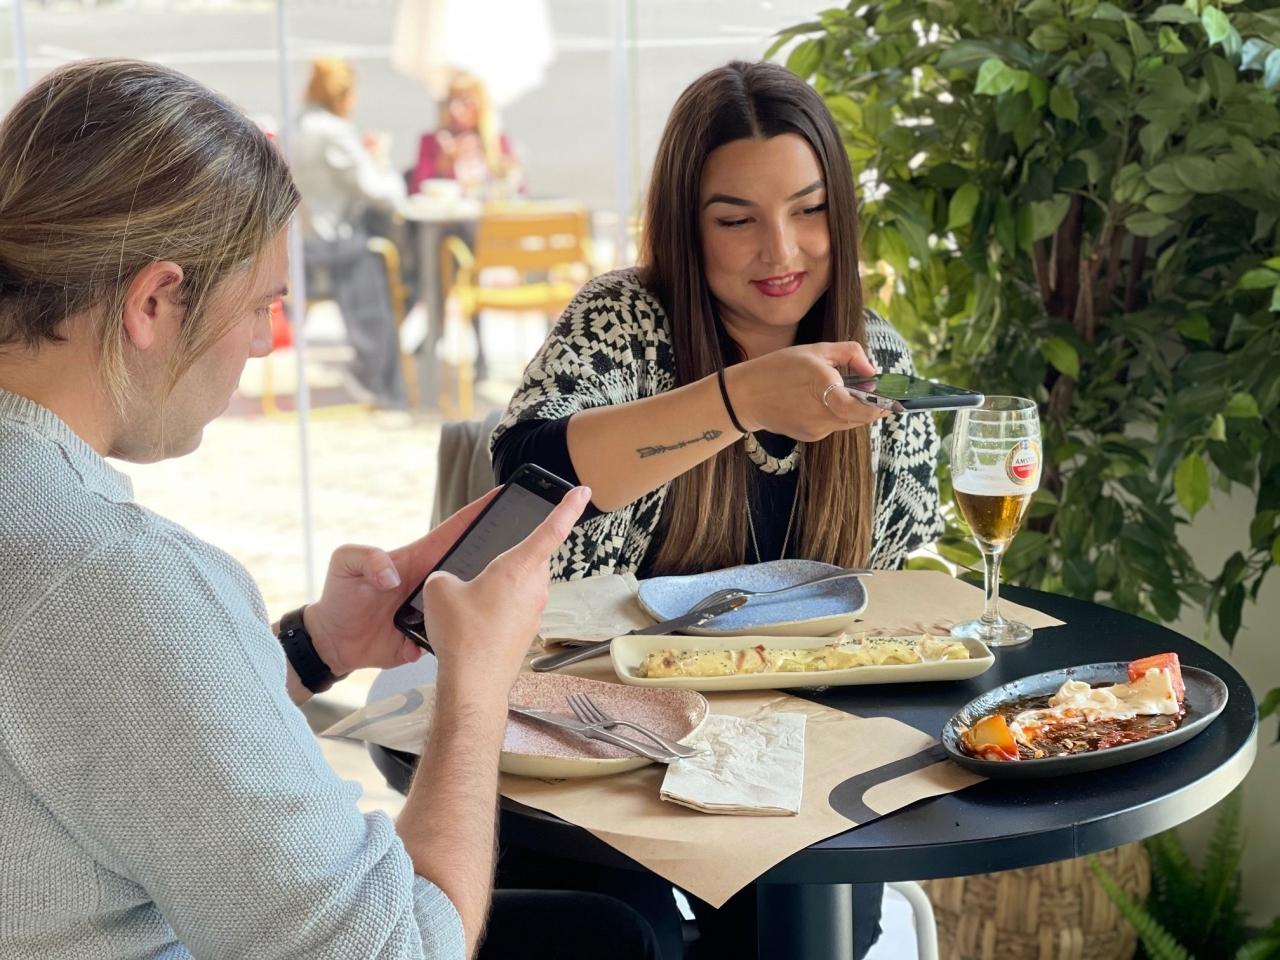 VOLEM BAR abrirán varios restaurantes volem en Valencia y darán trabajo a más de 100 personas